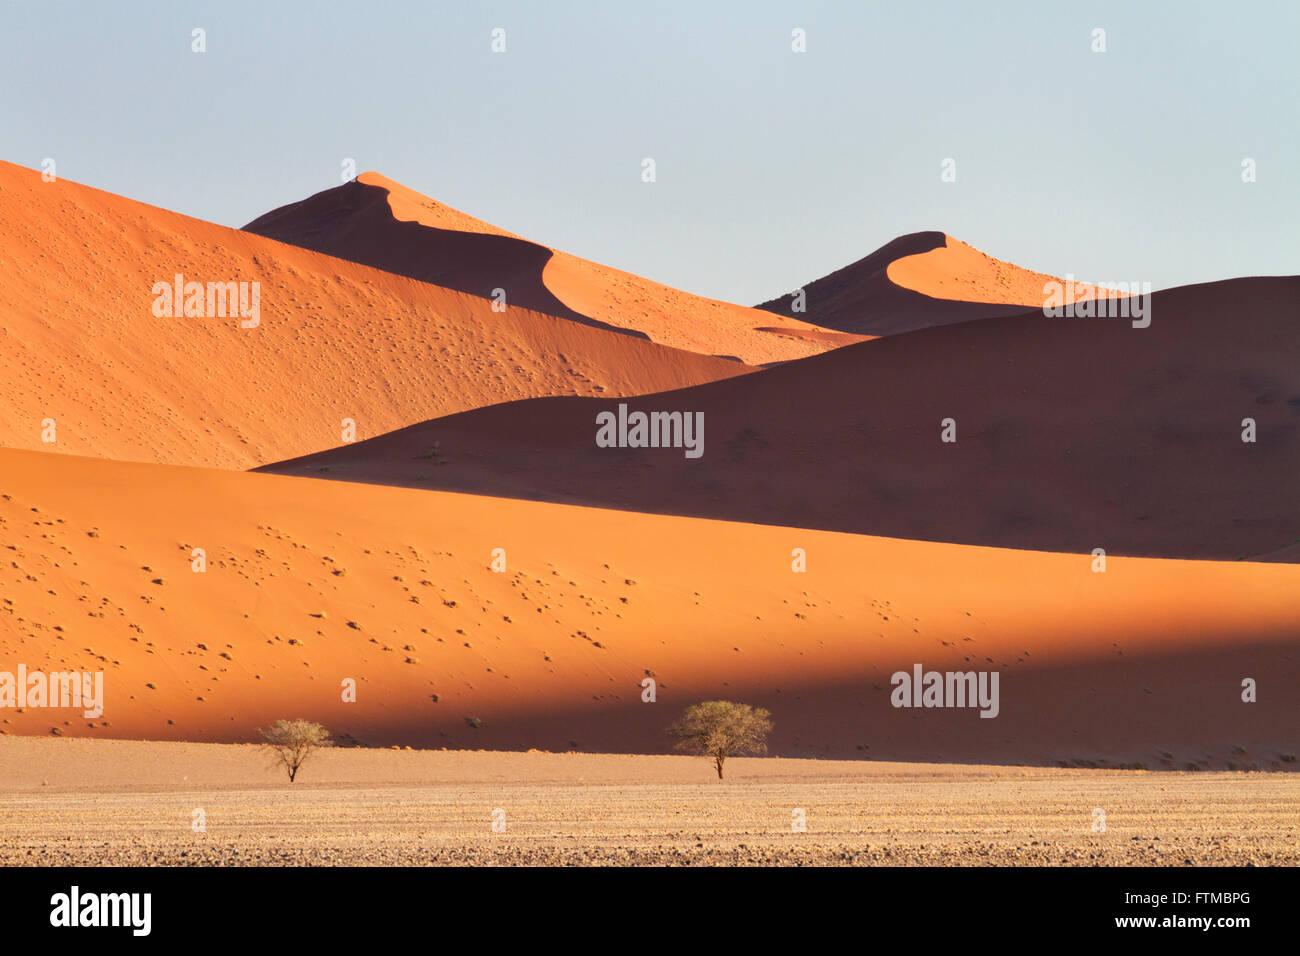 Dunes de sable de montagne et d'acacia camelthorn arbres dans le désert du Namib en Namibie de Namib-Naukluft Photo Stock